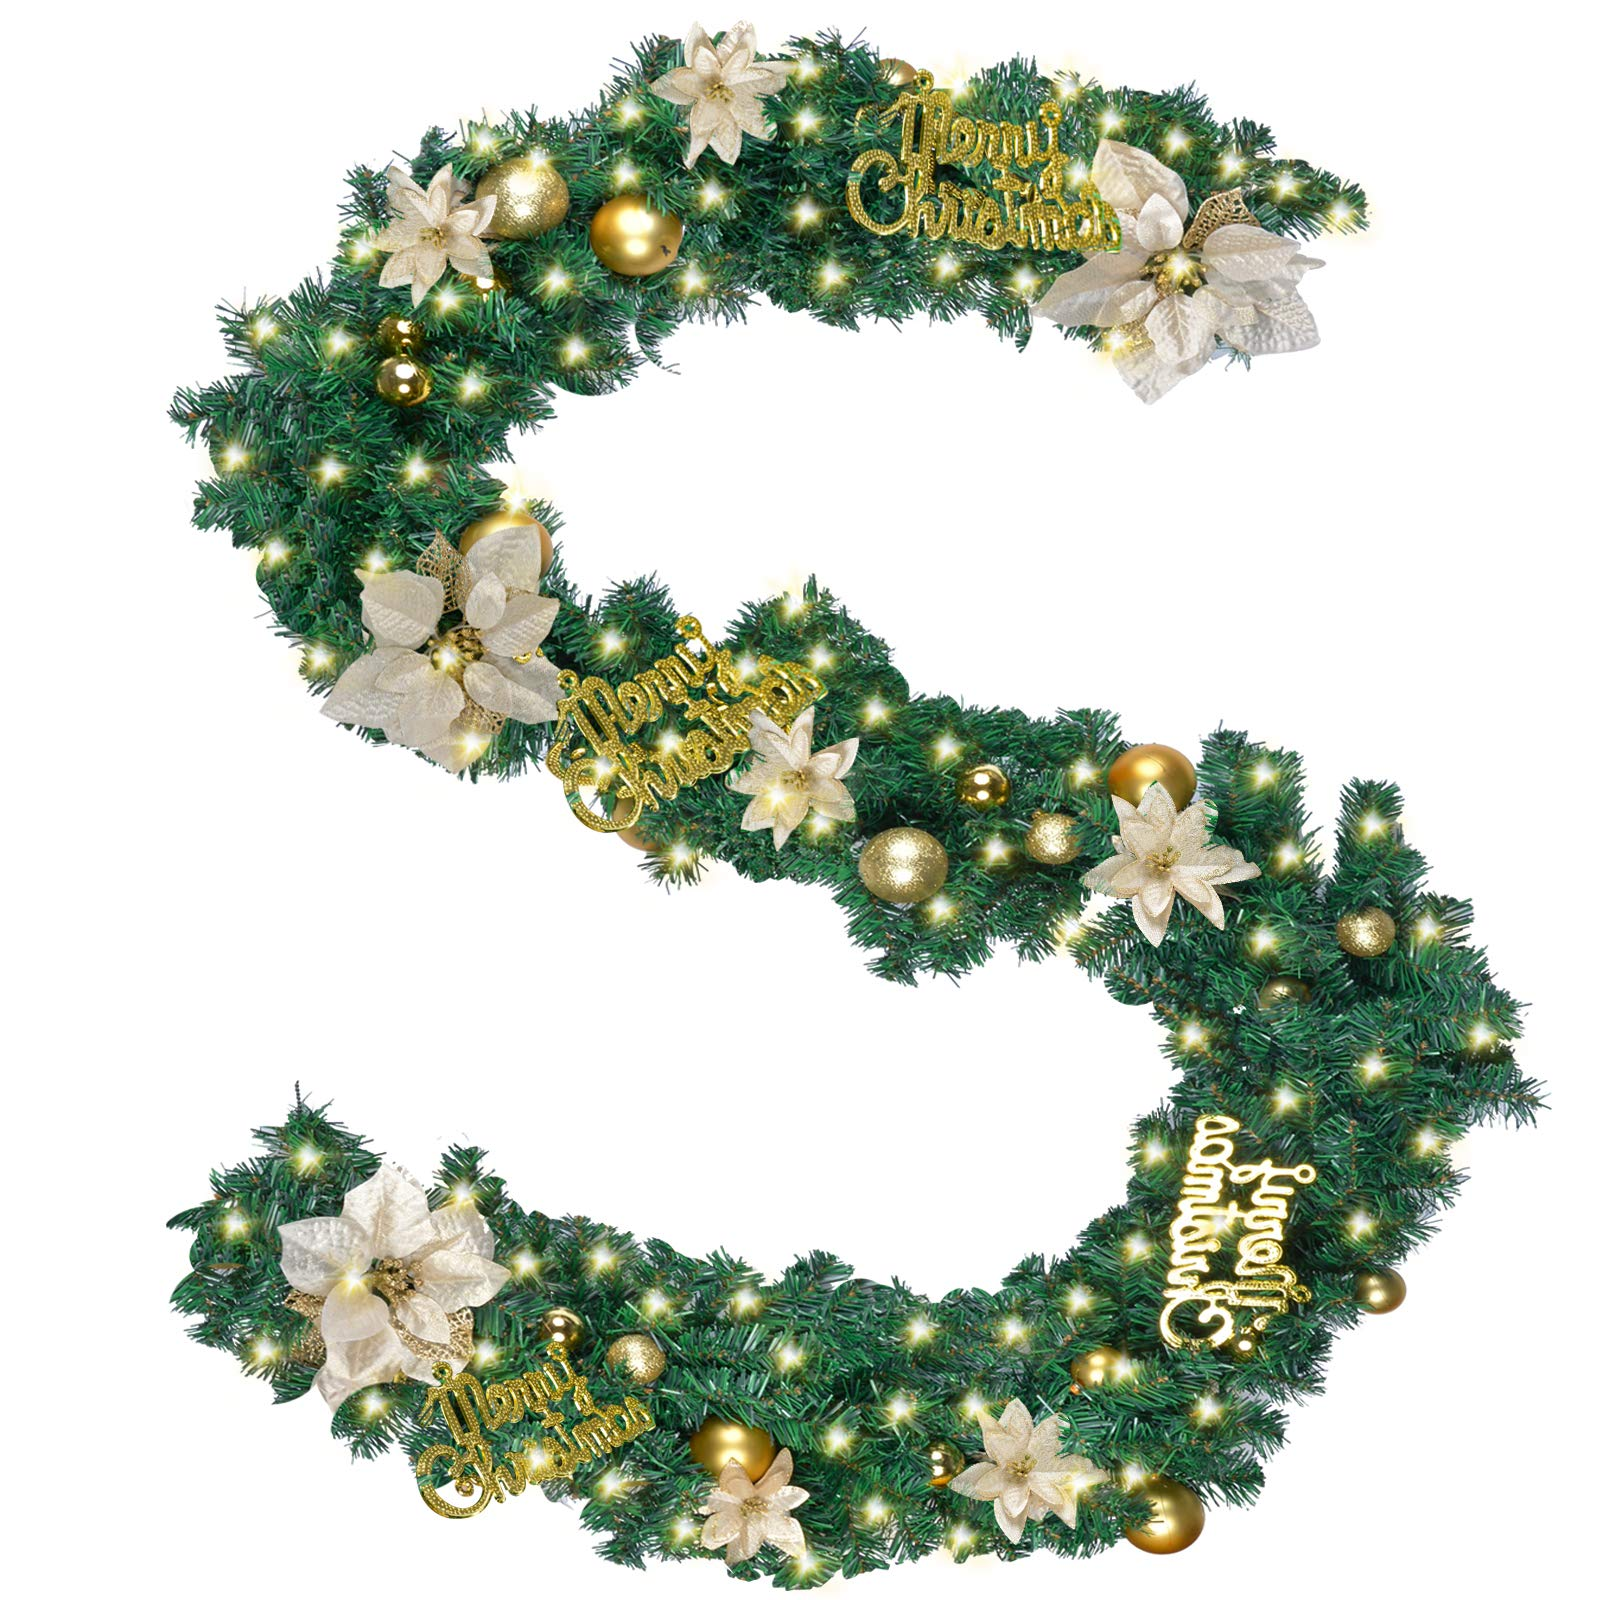 Funpa Guirnalda Navidad, 9 Pies Guirnalda De Pino Artificial Flor De Navidad con Luz para